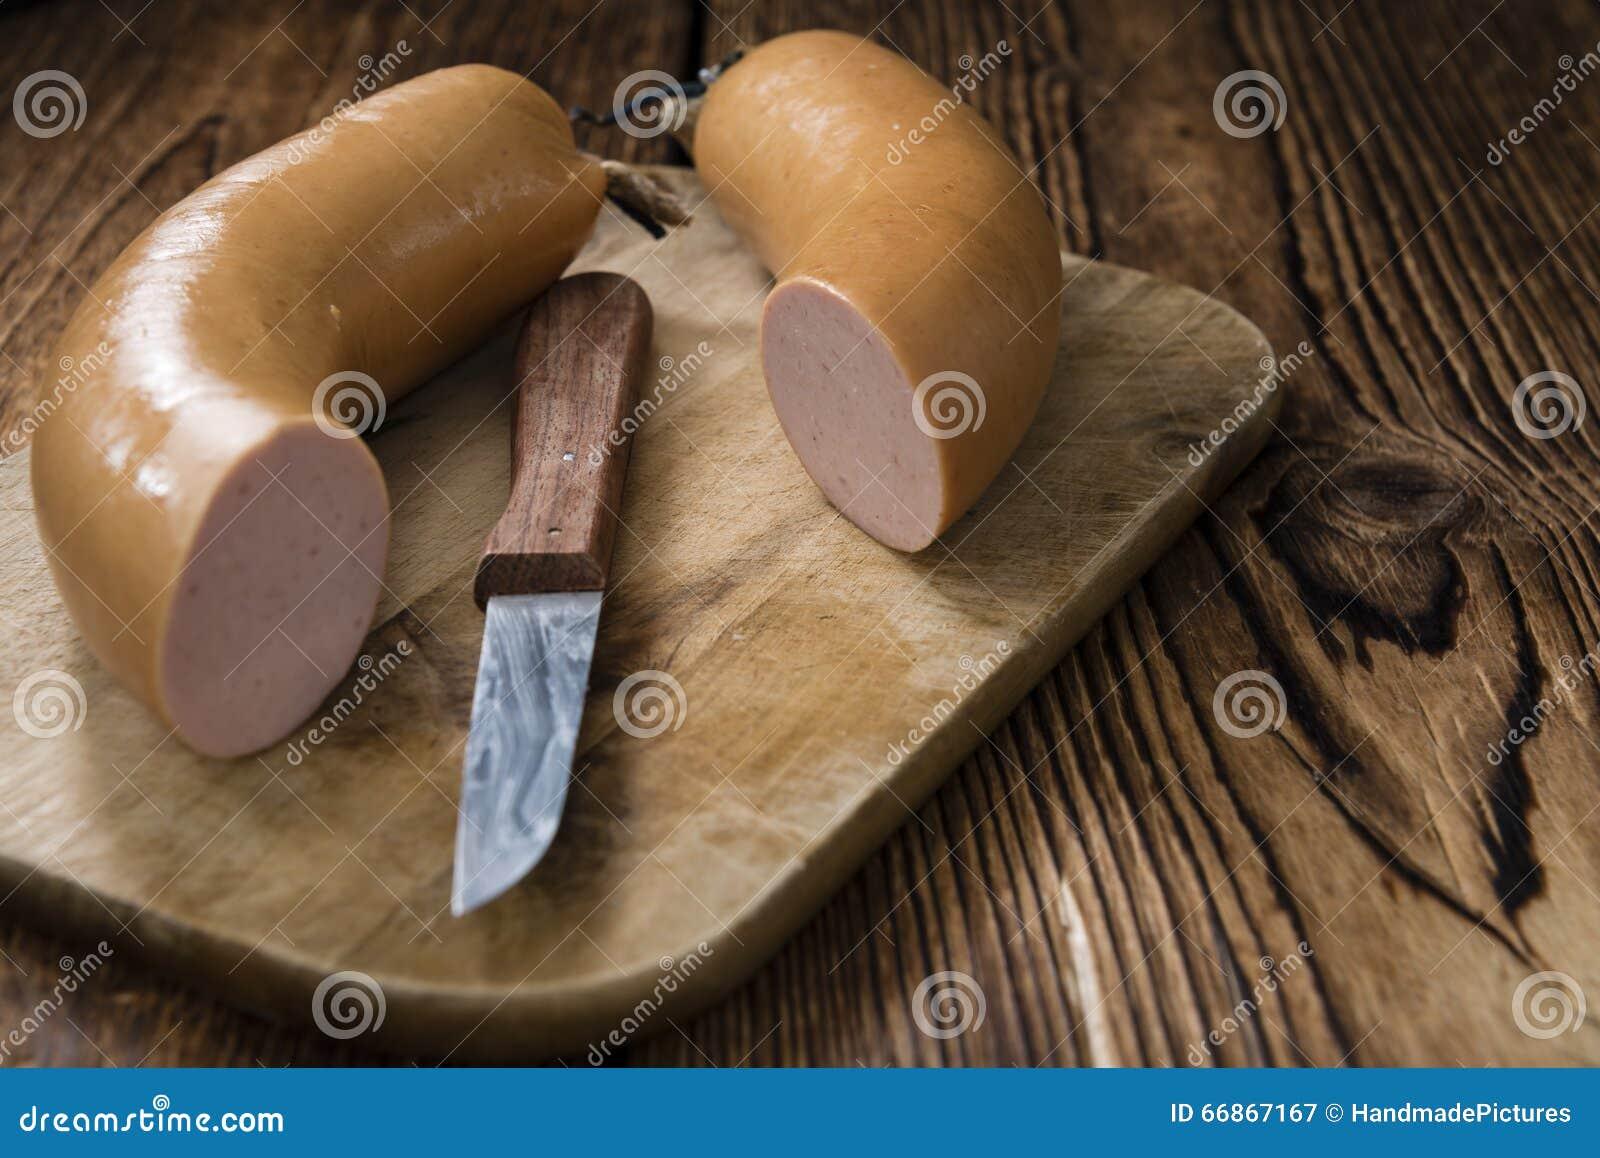 Pokrojona kiełbasa (Baloney)